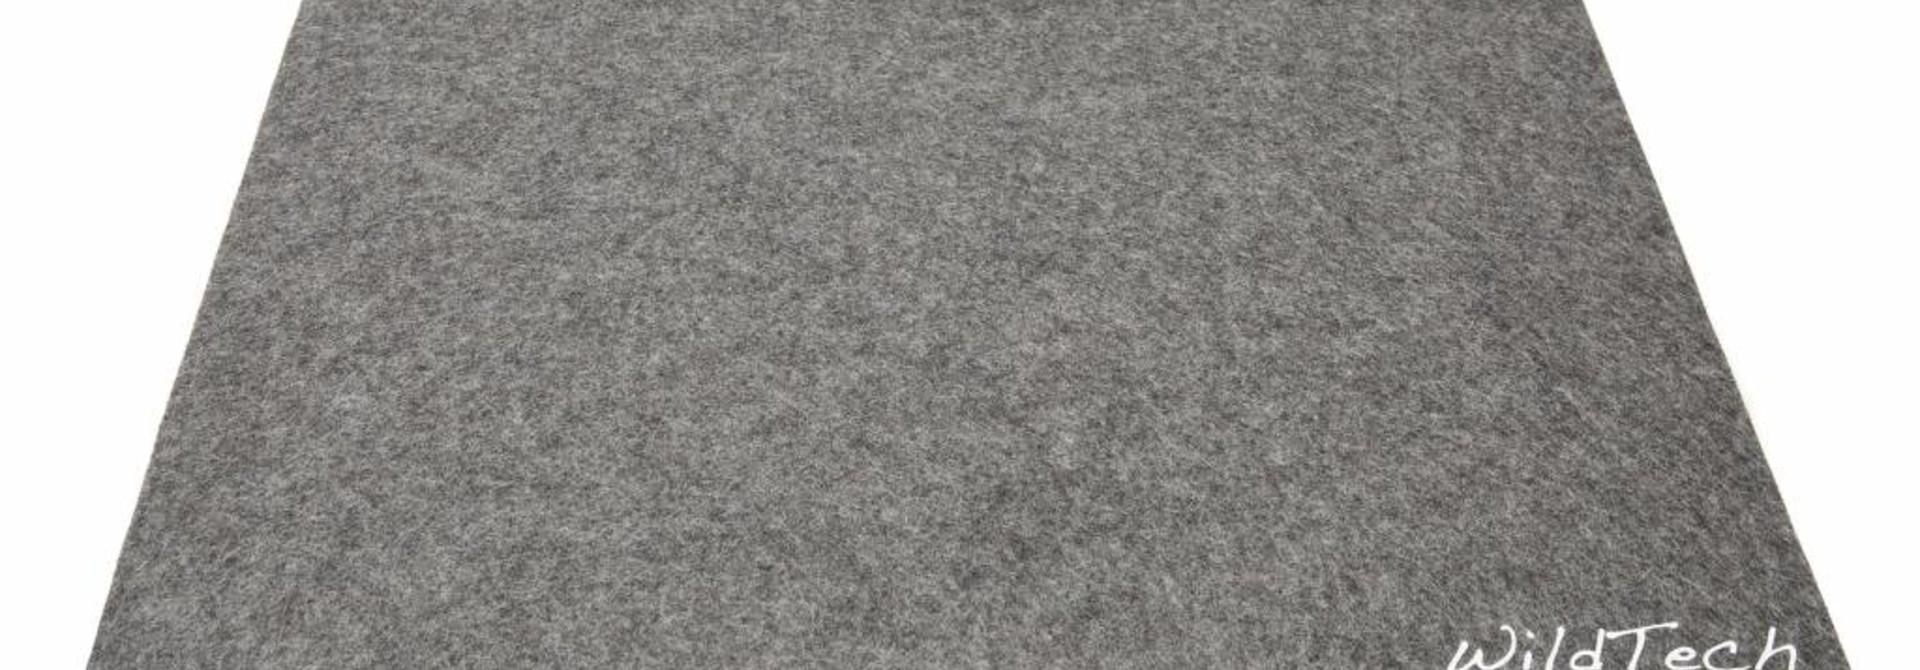 Push DeckCover Grau